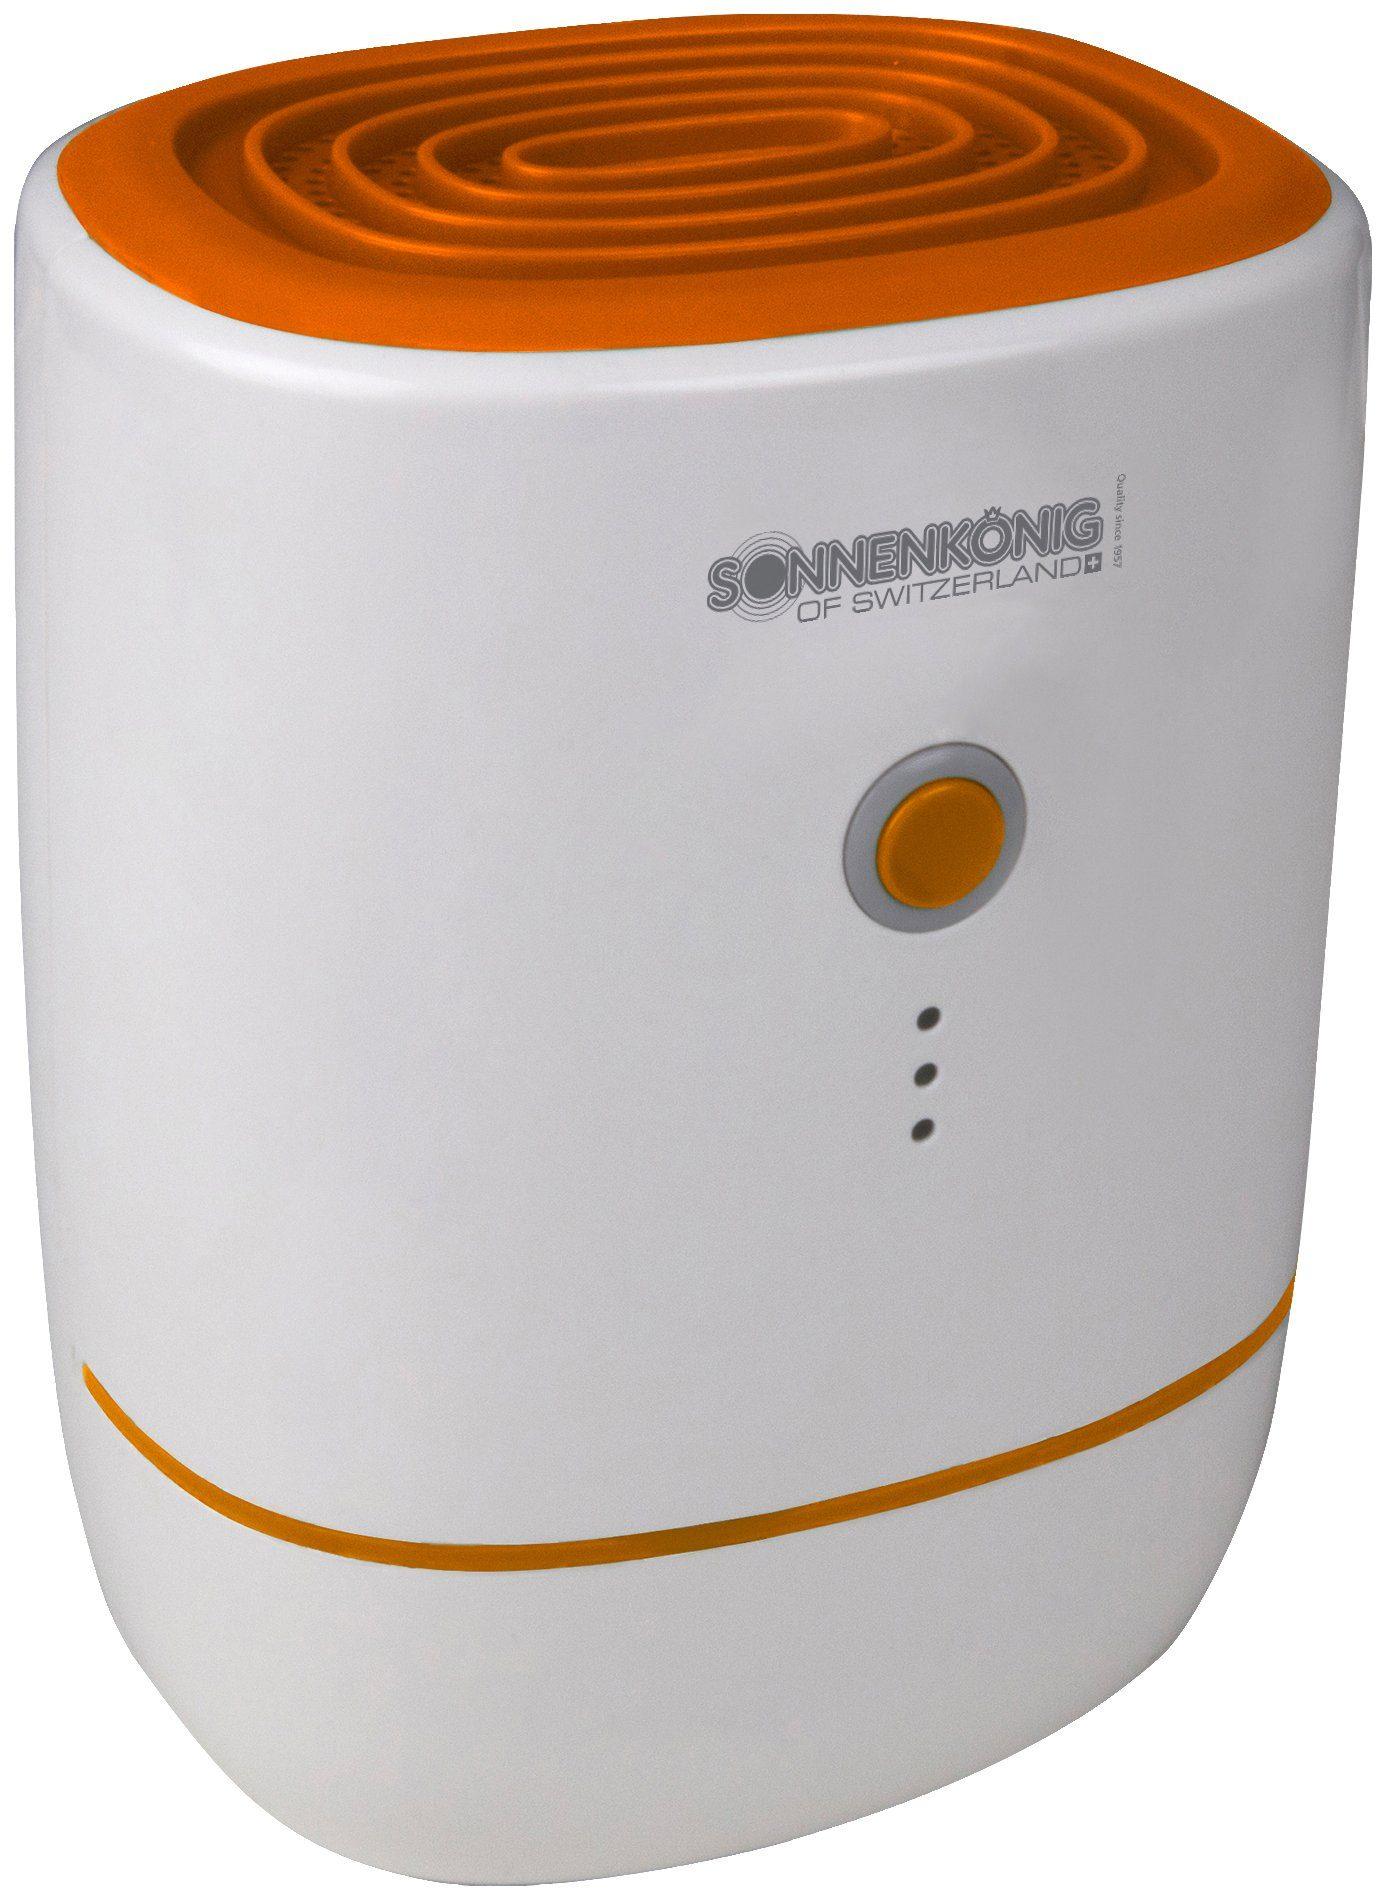 SONNENKÖNIG Luftreiniger »Secco Piccolo Orange«, 0,6 Liter Tank